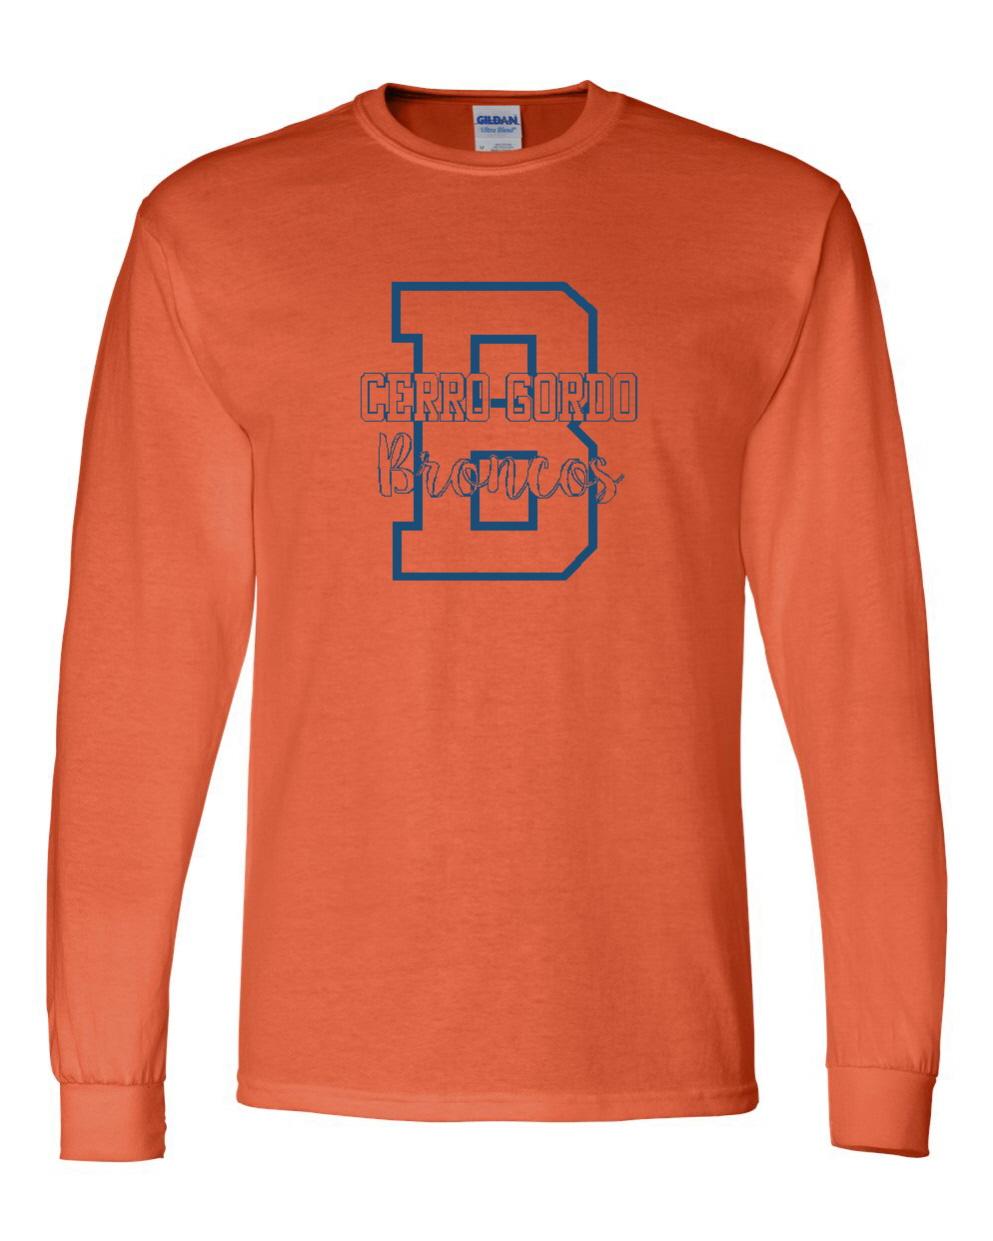 B for Broncos